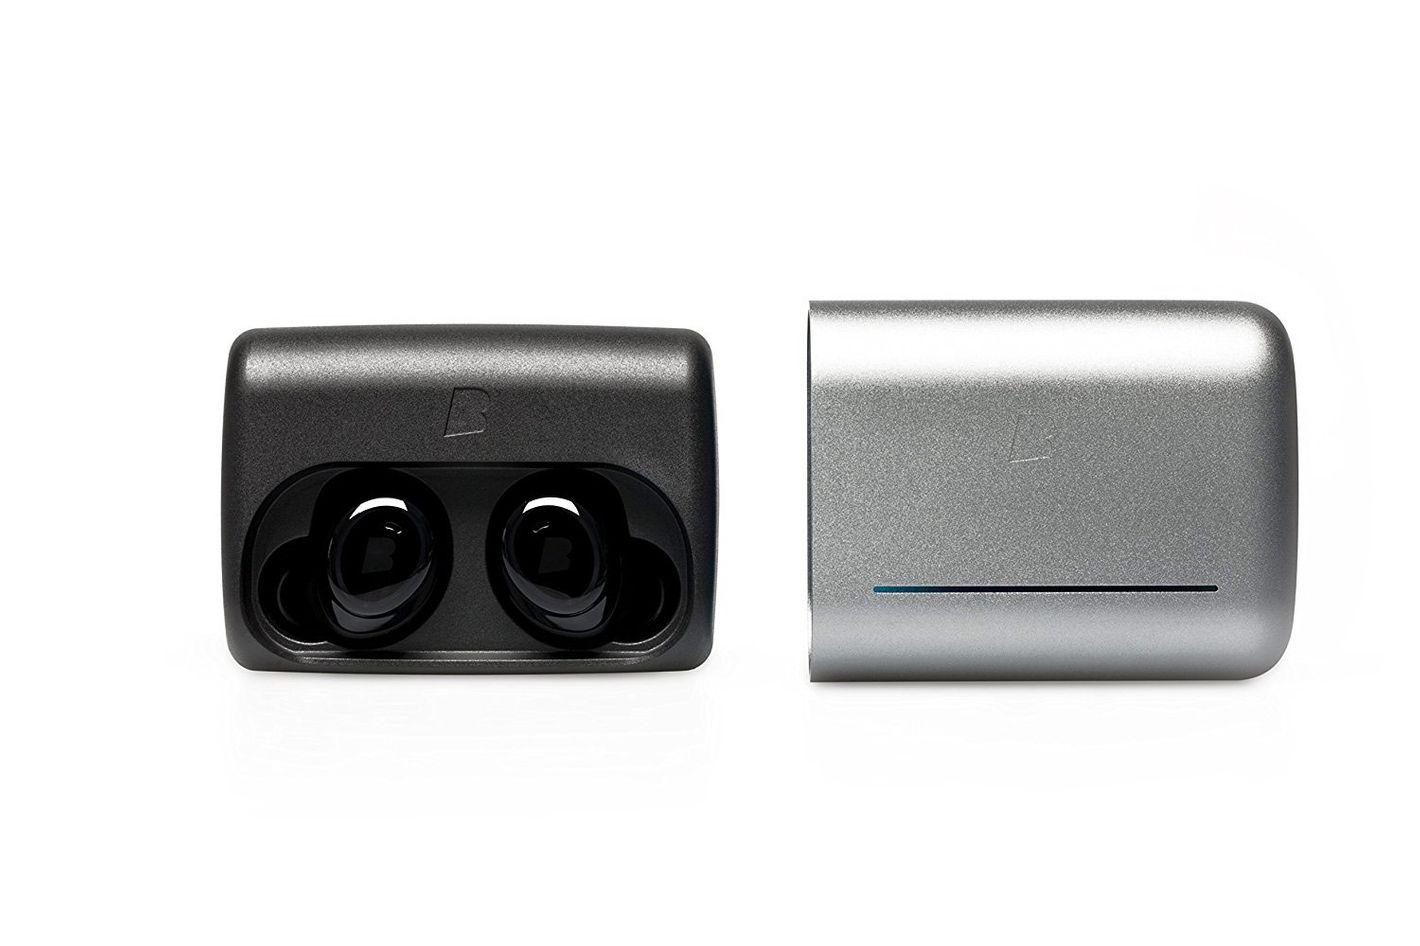 Bragi the Dash Pro With Alexa